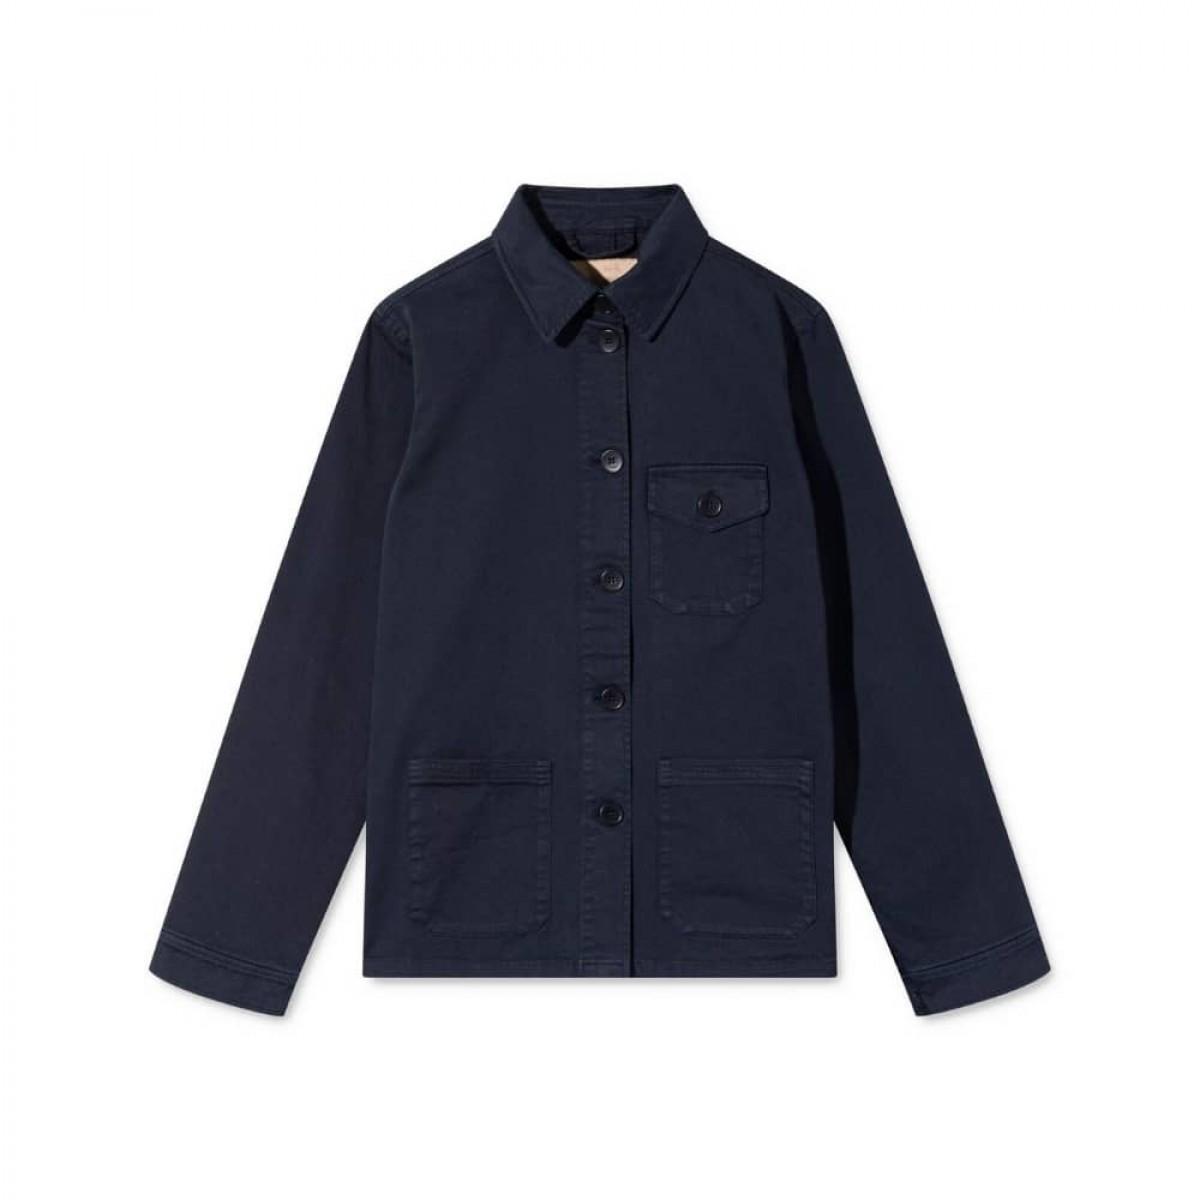 cady workwear jakke - navy